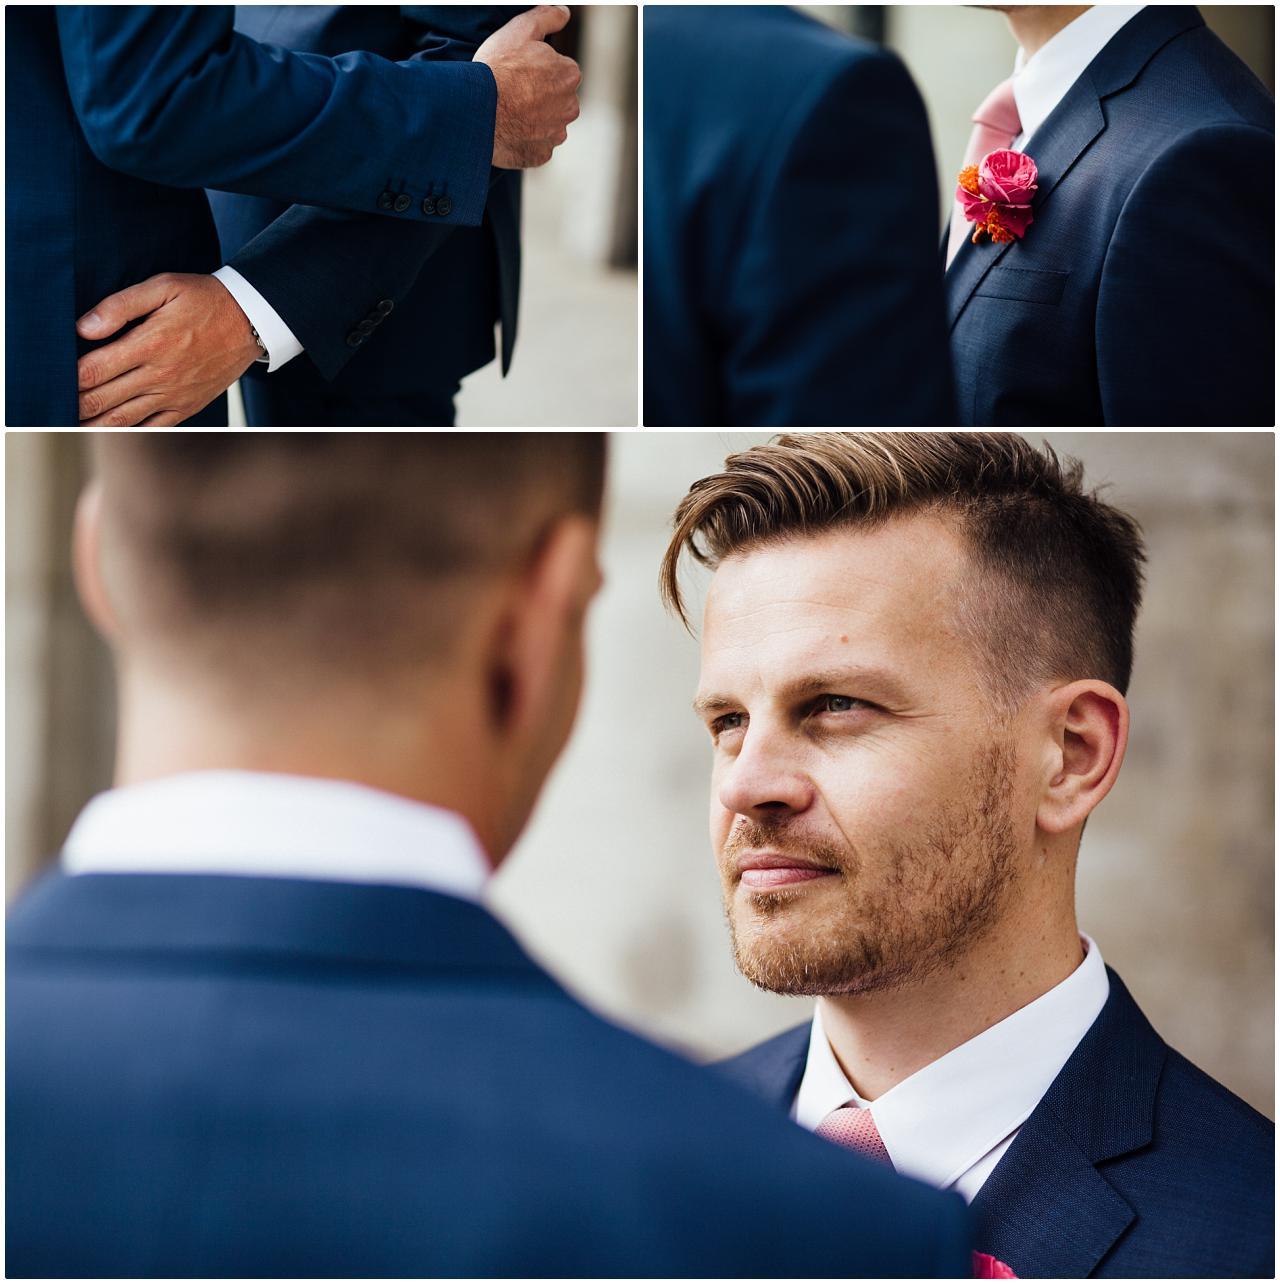 Gleichgeschlechtliches Brautpaar schaut sich vor Volksbühne tief in die Augen